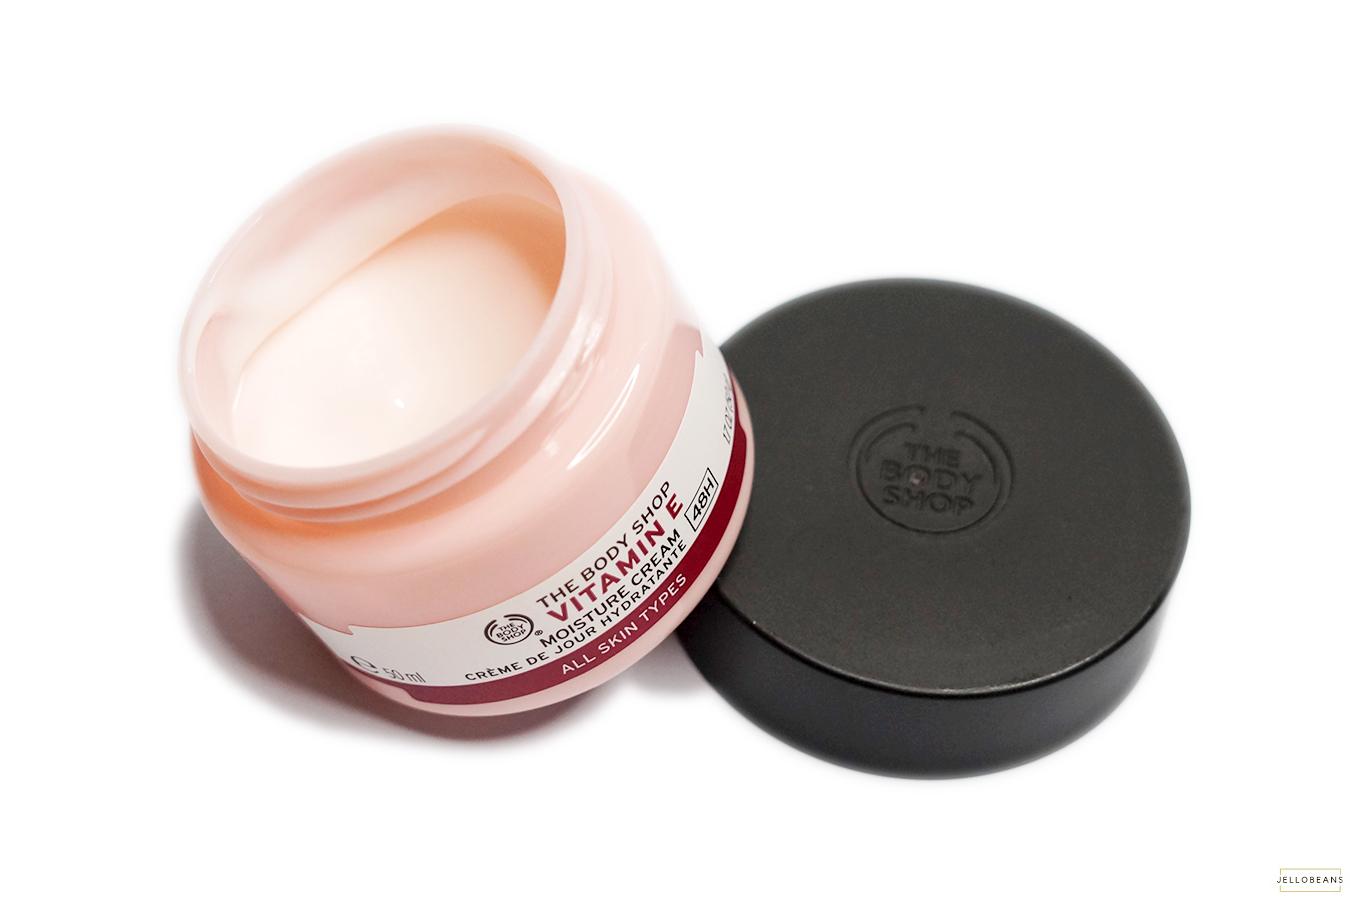 Kem Dưỡng Ẩm The Body Shop Vitamin E Moisture Cream Dành Cho Mọi Loại Da